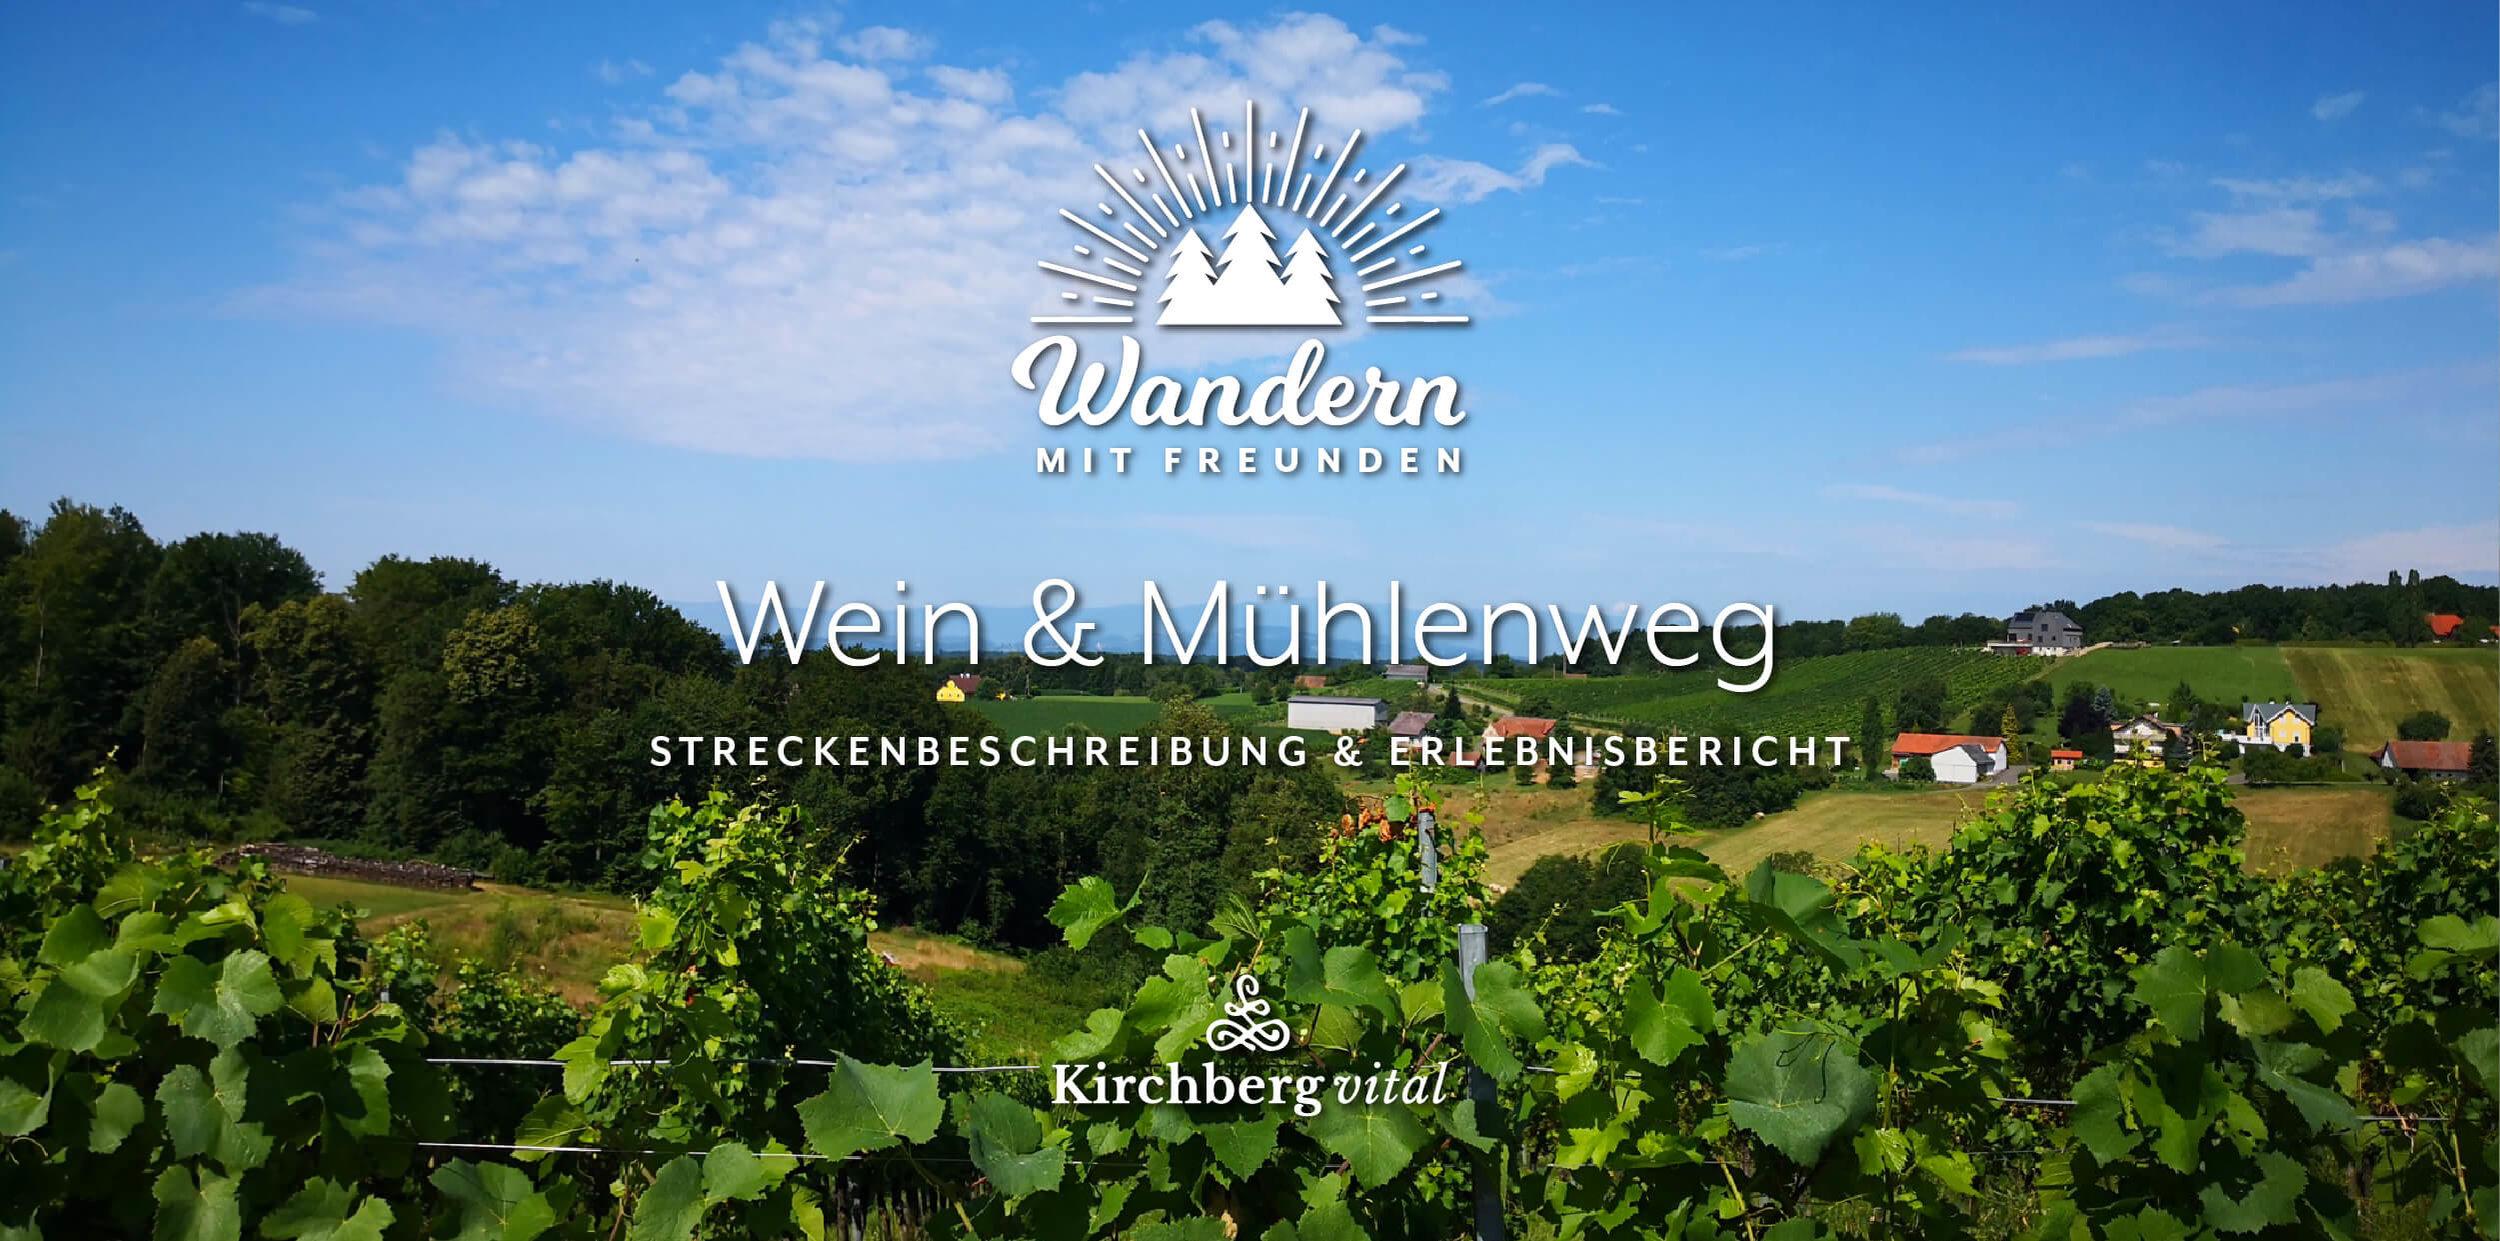 Wein-Muehlen-M2_BLOG-BANNER.jpg